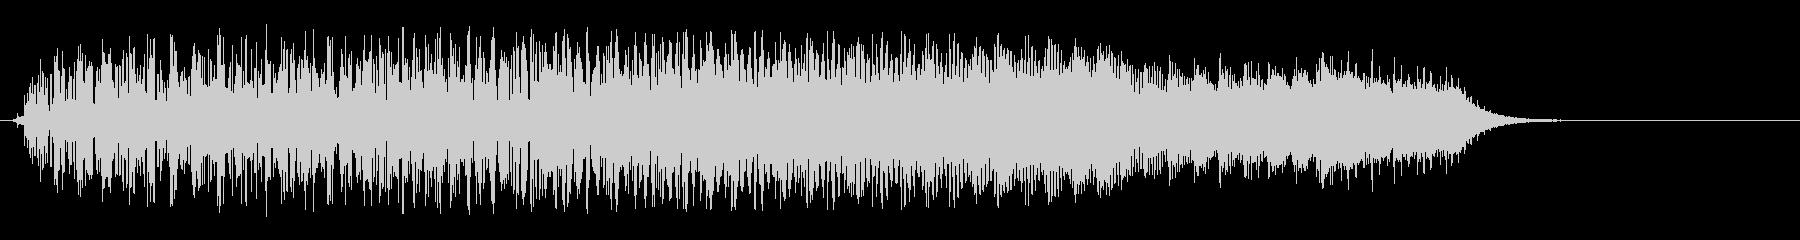 キラキラ系(上がる)の未再生の波形